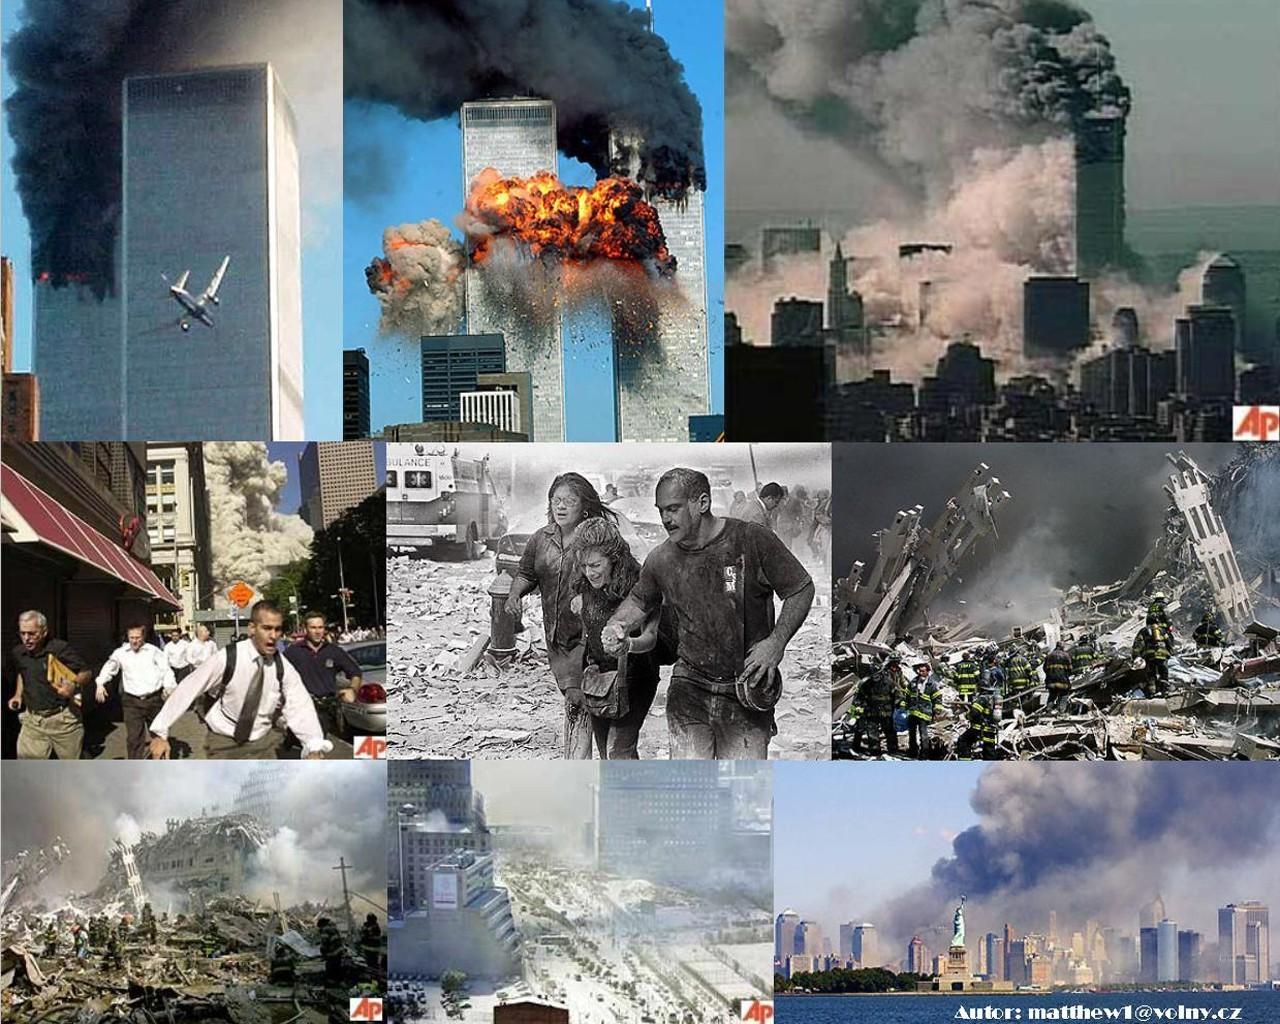 Tapeta New York 11.9.2001 - Wallpaper.cz